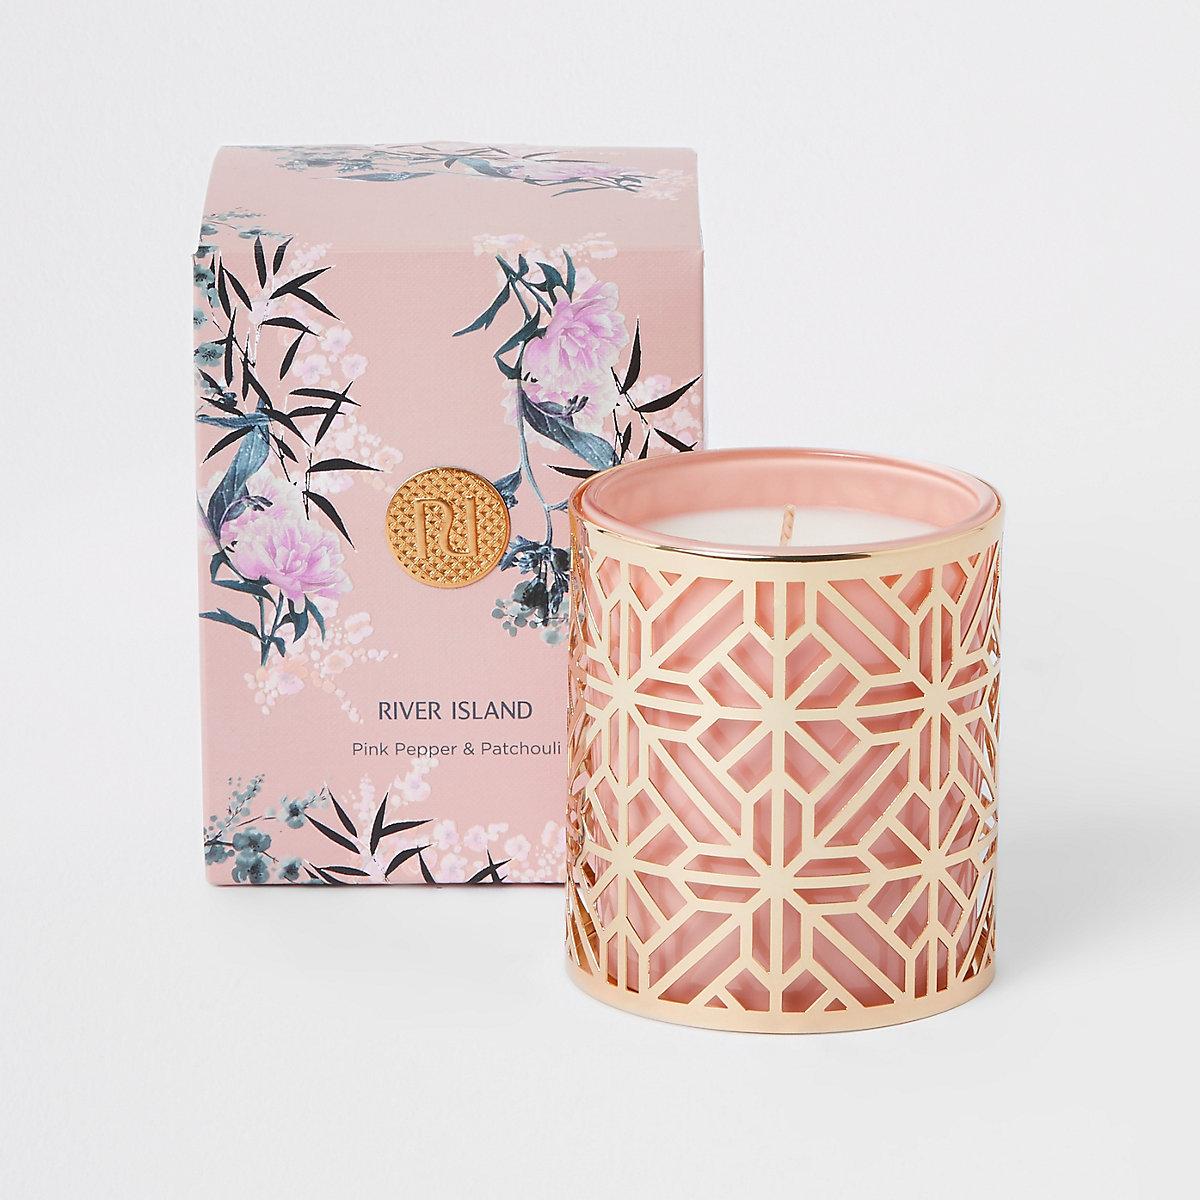 Bougie parfumée au poivre rose et patchouli